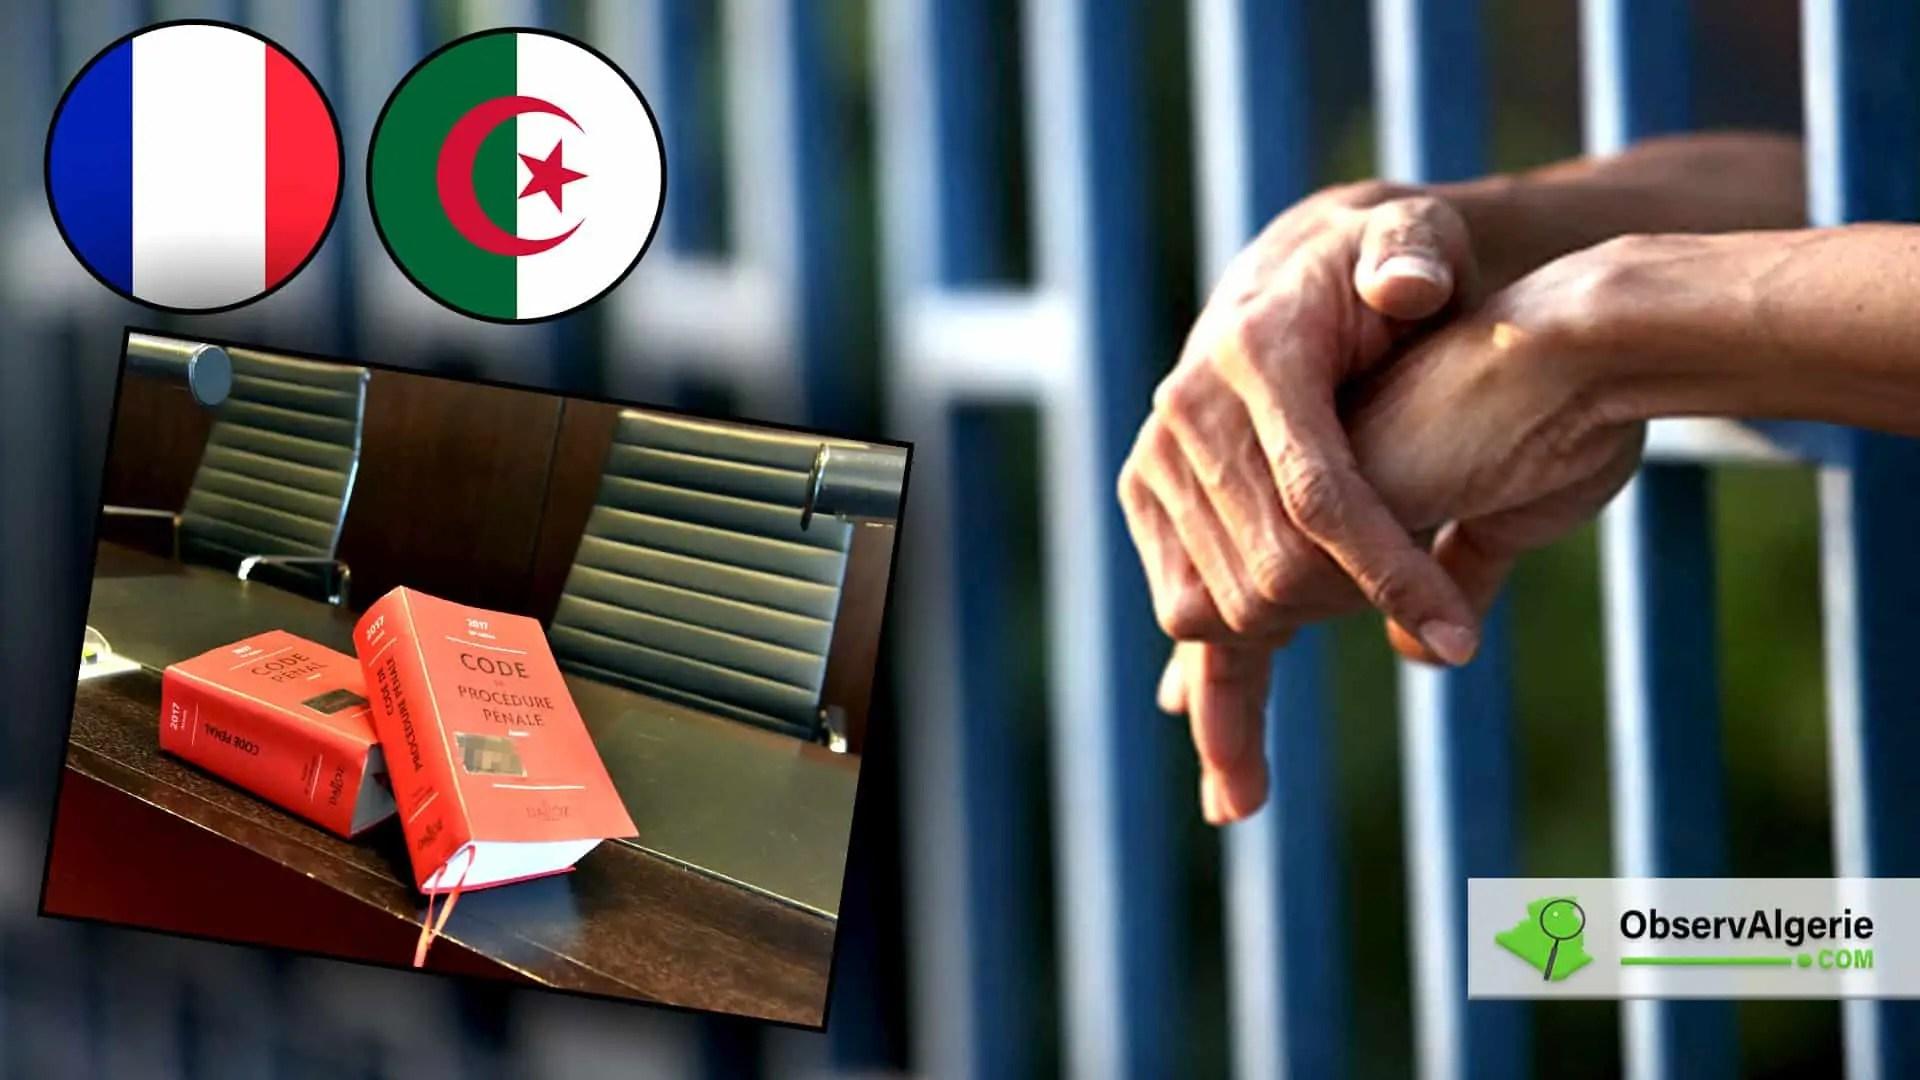 Polémique en France après la libération d'un détenu algérien